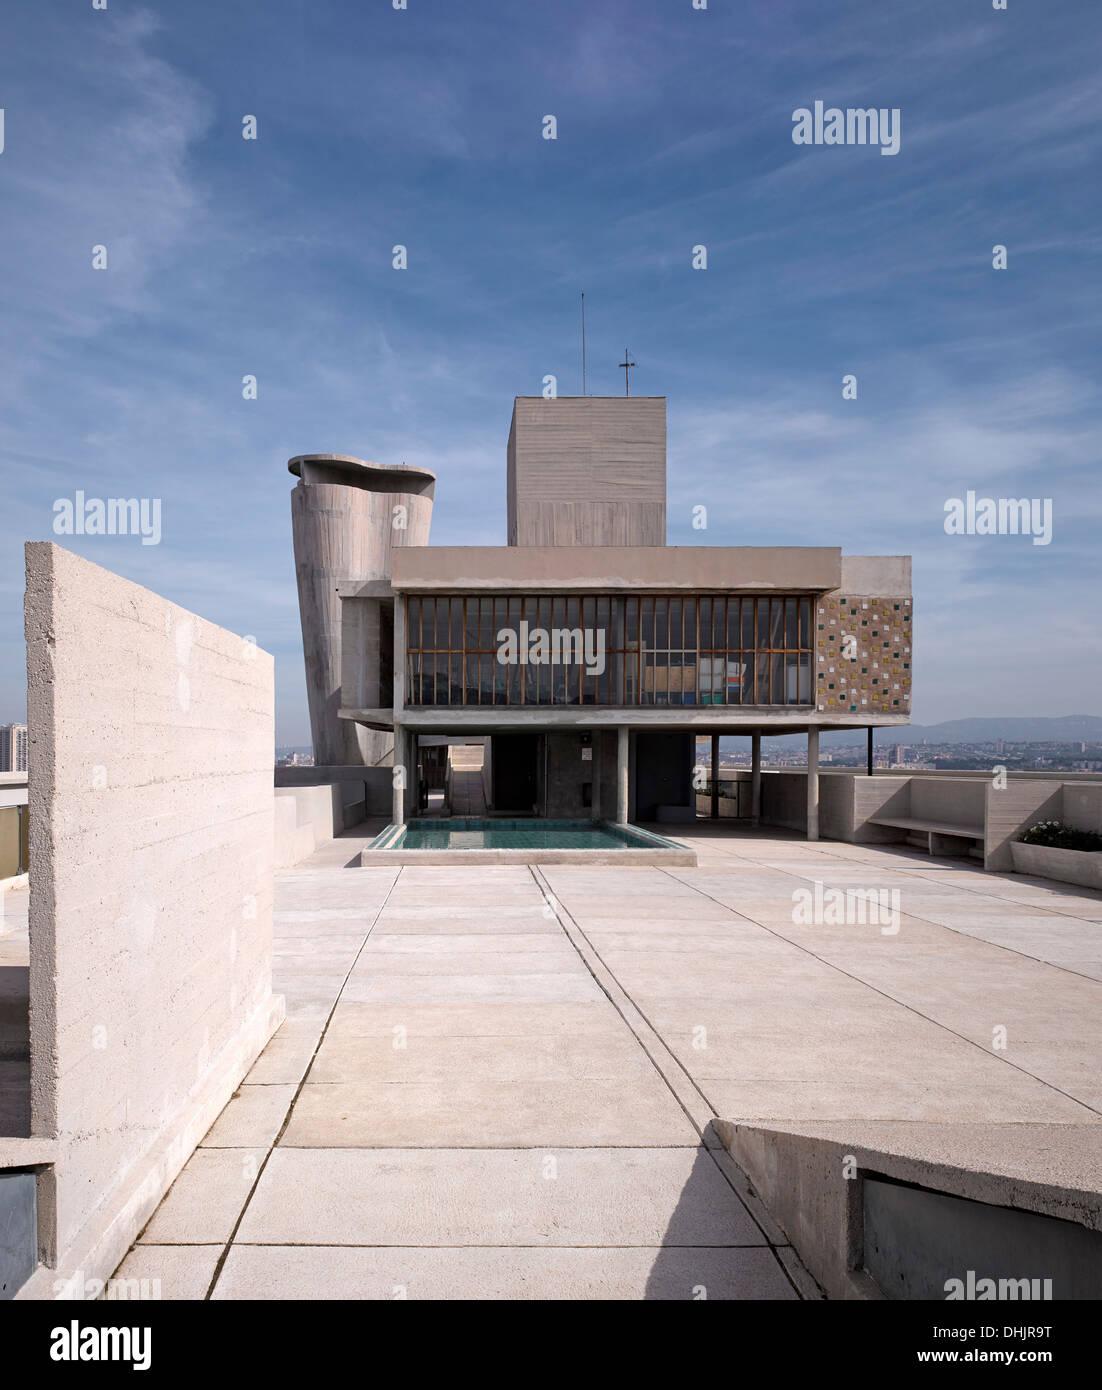 Le Corbusier Unite D Habitation unite d'habitation, marseille, france, architect: le